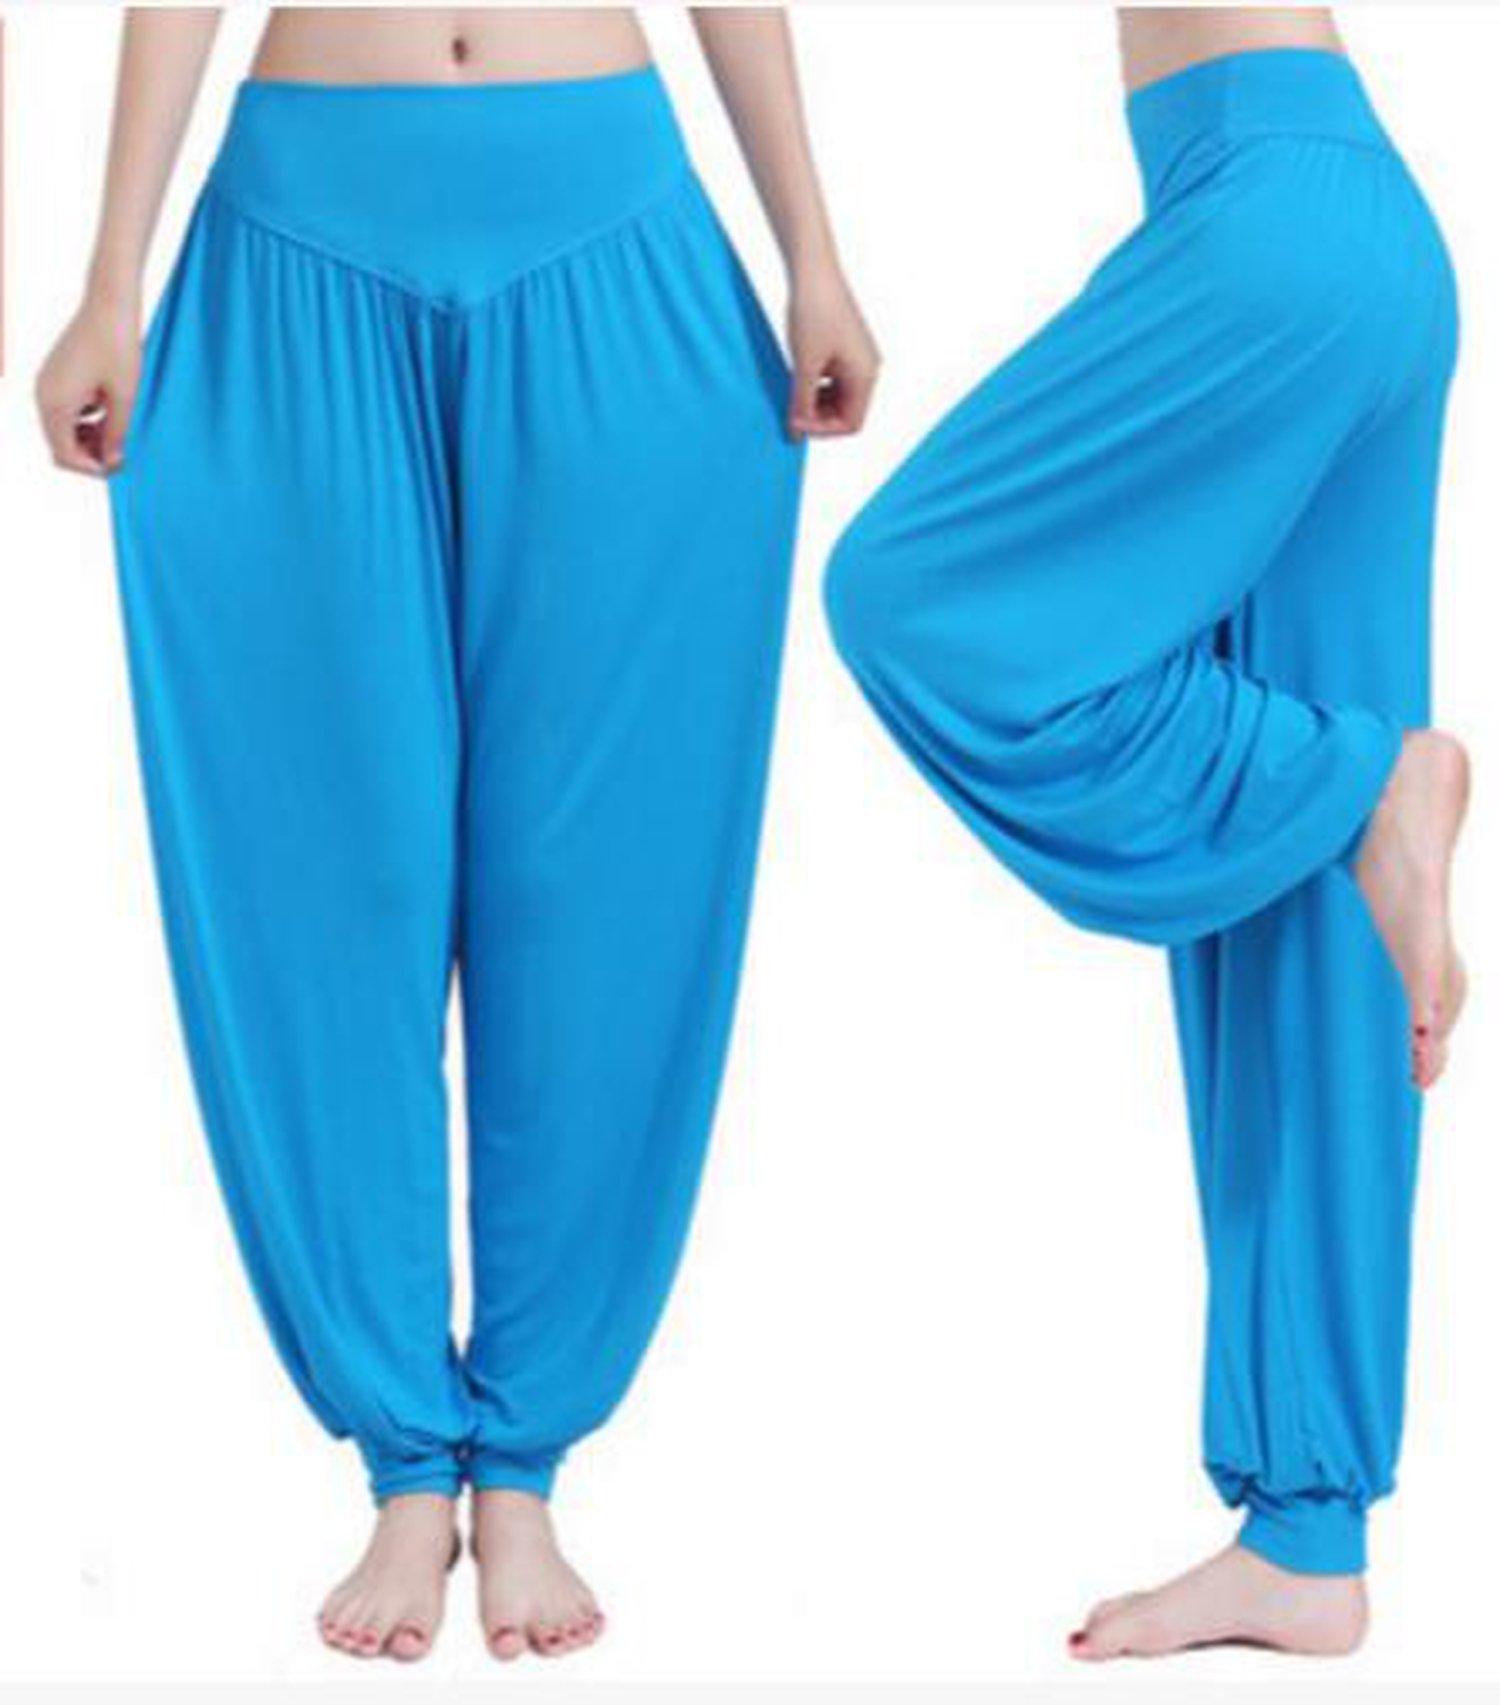 Women Yoga Pants Women Plus Size Yoga Leggings Yoga Taichi Full Length Pants Yoga Clothes,Sky Blue,L